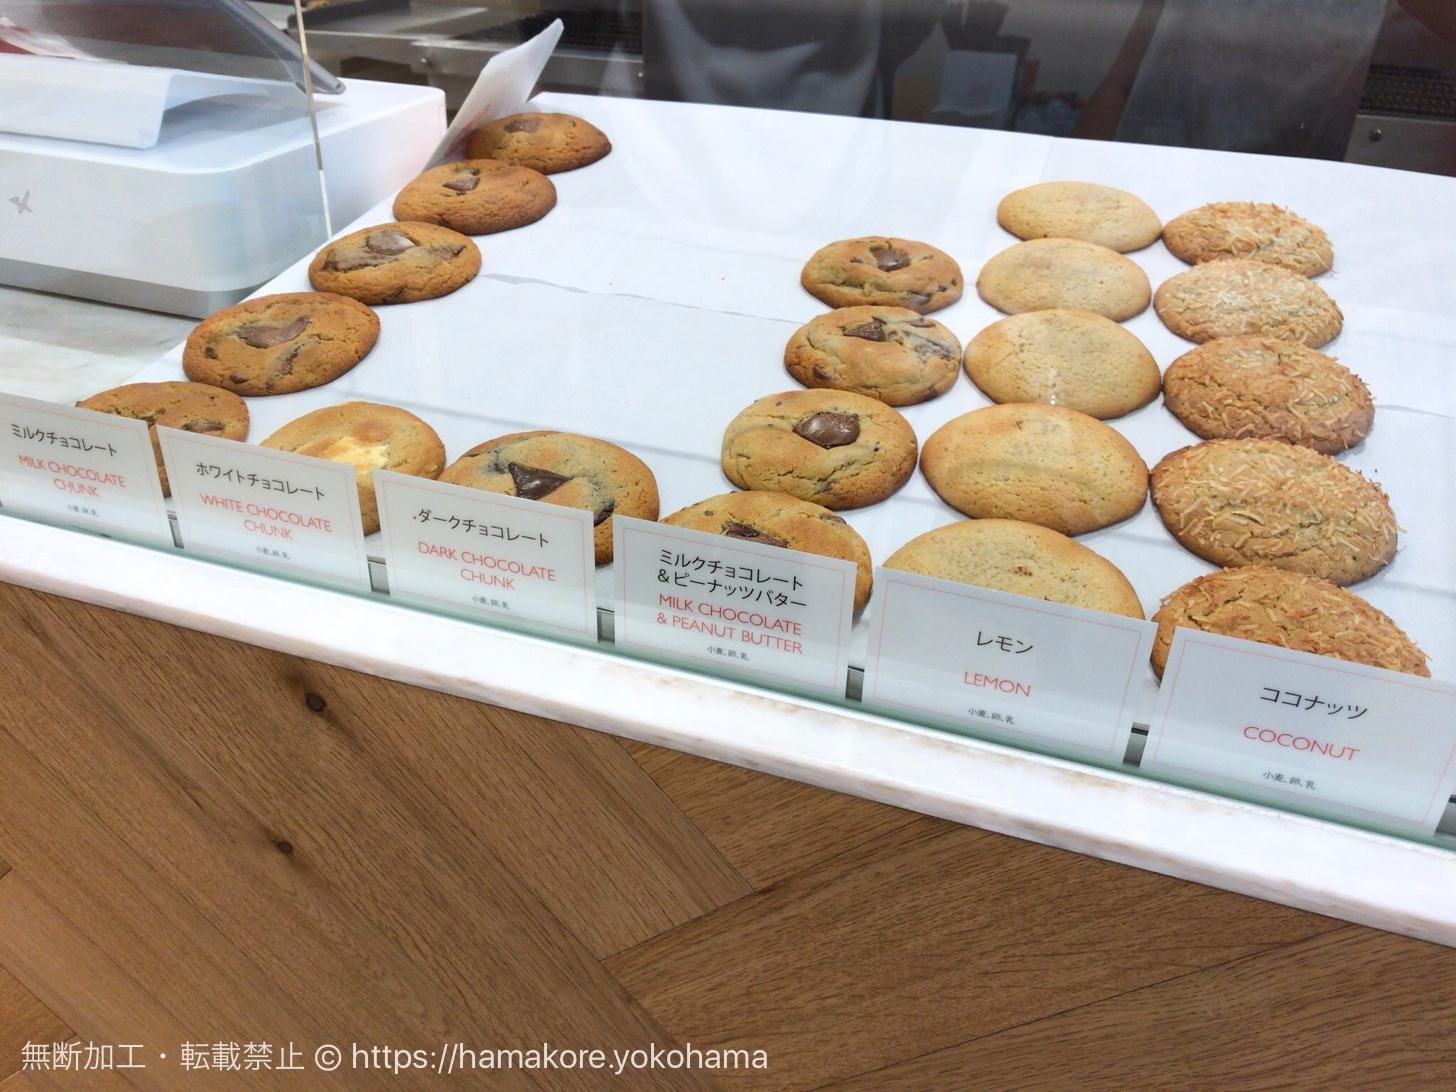 ショーケースに並ぶベンズクッキー